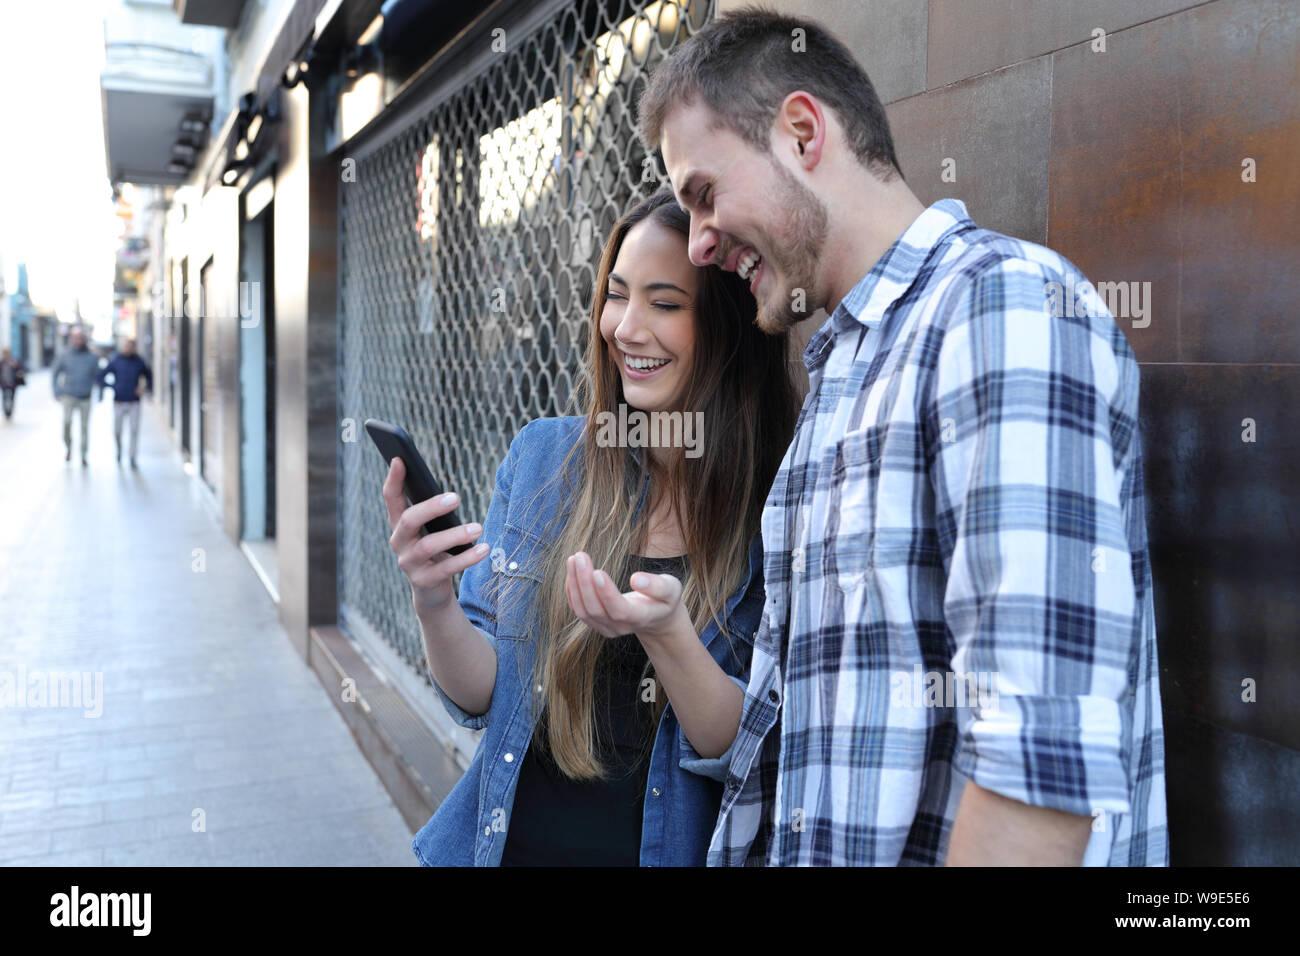 Feliz pareja sorprendente comprobar el contenido del teléfono inteligente de pie en la calle Foto de stock